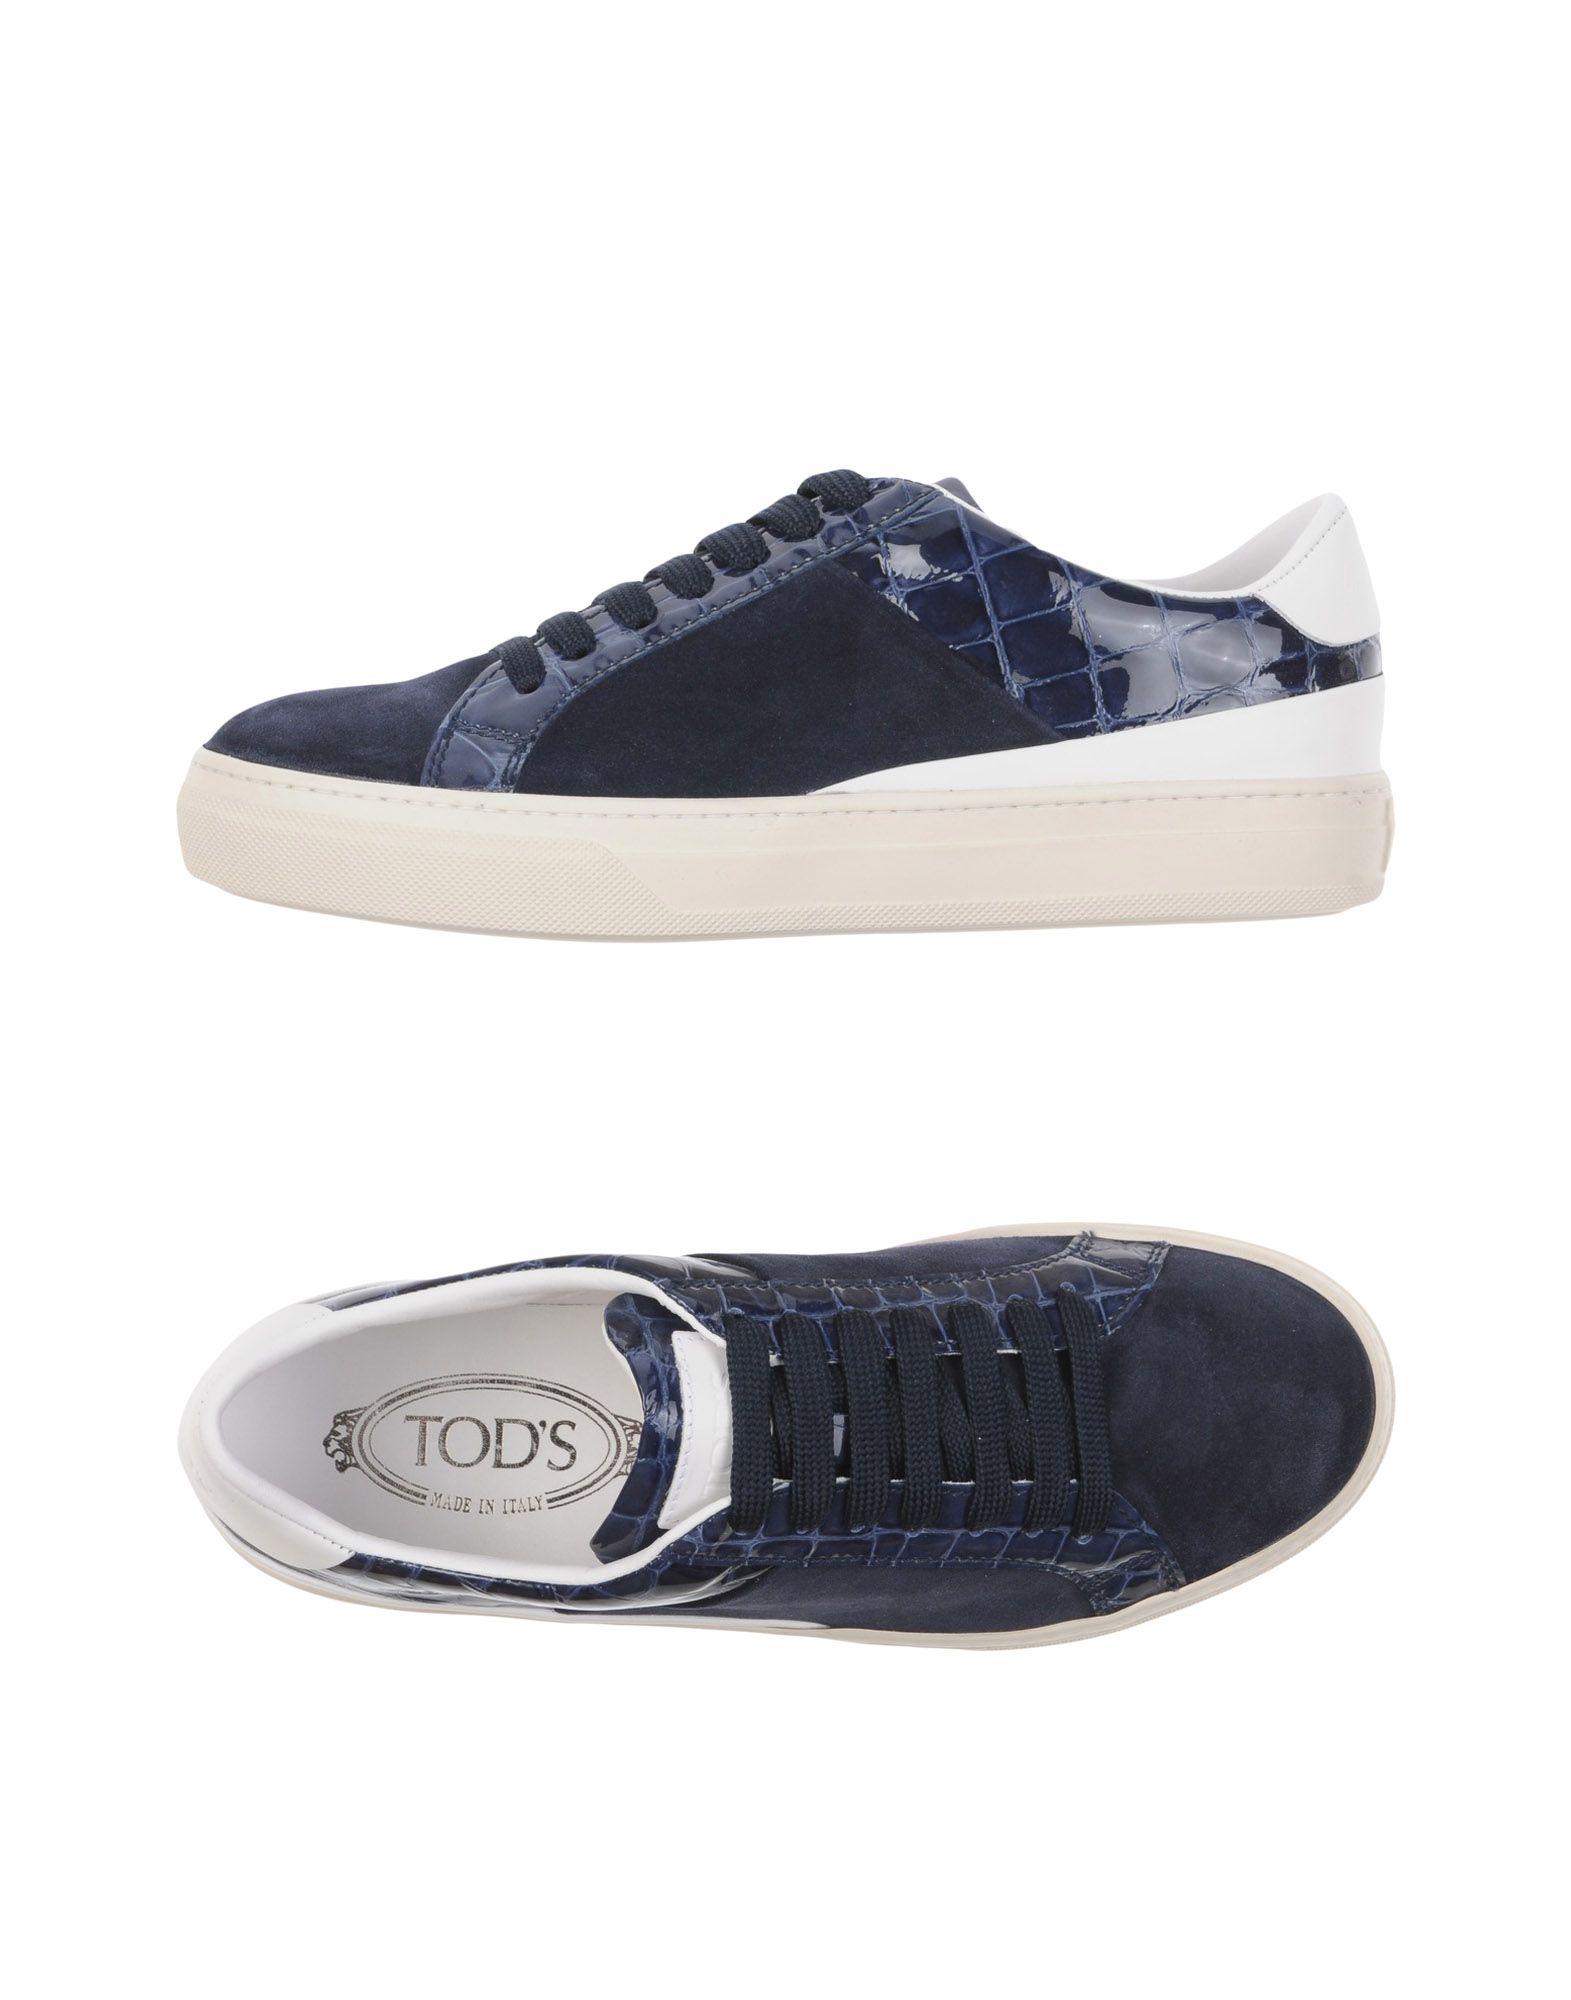 Billig-1137,Tod's Sneakers Damen es Gutes Preis-Leistungs-Verhältnis, es Damen lohnt sich 7a538a